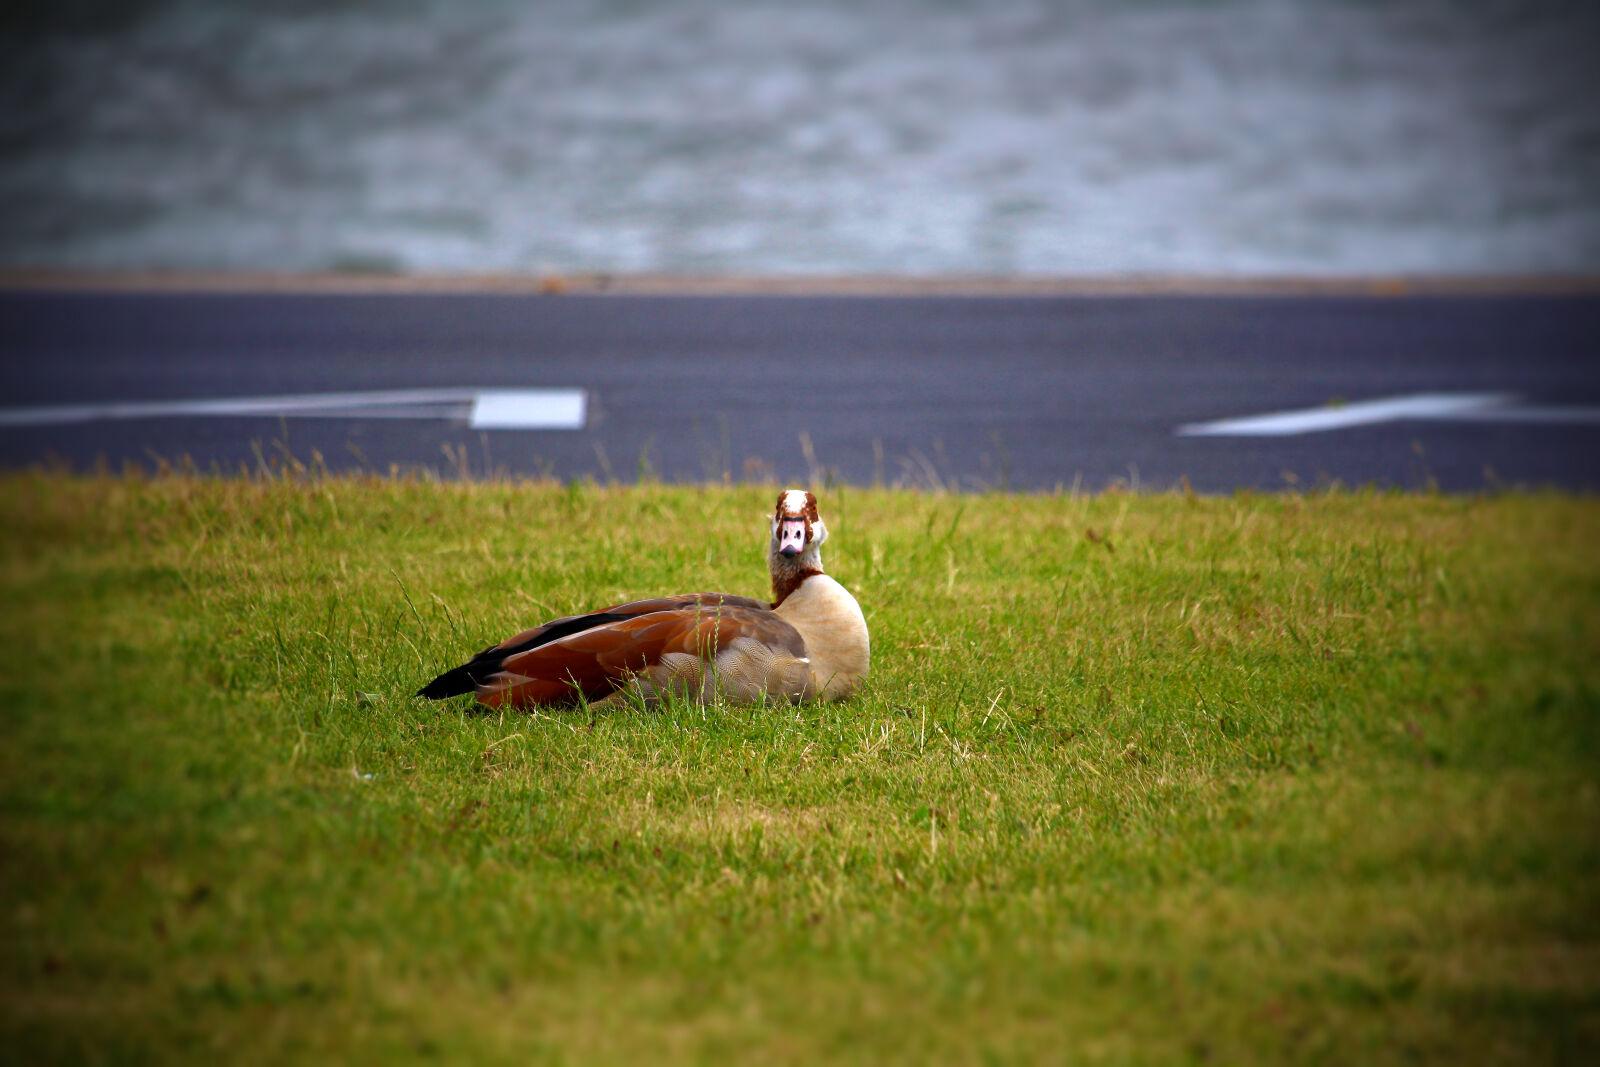 """Canon EOS 100D (EOS Rebel SL1 / EOS Kiss X7) sample photo. """"City, duck, bird, grass"""" photography"""